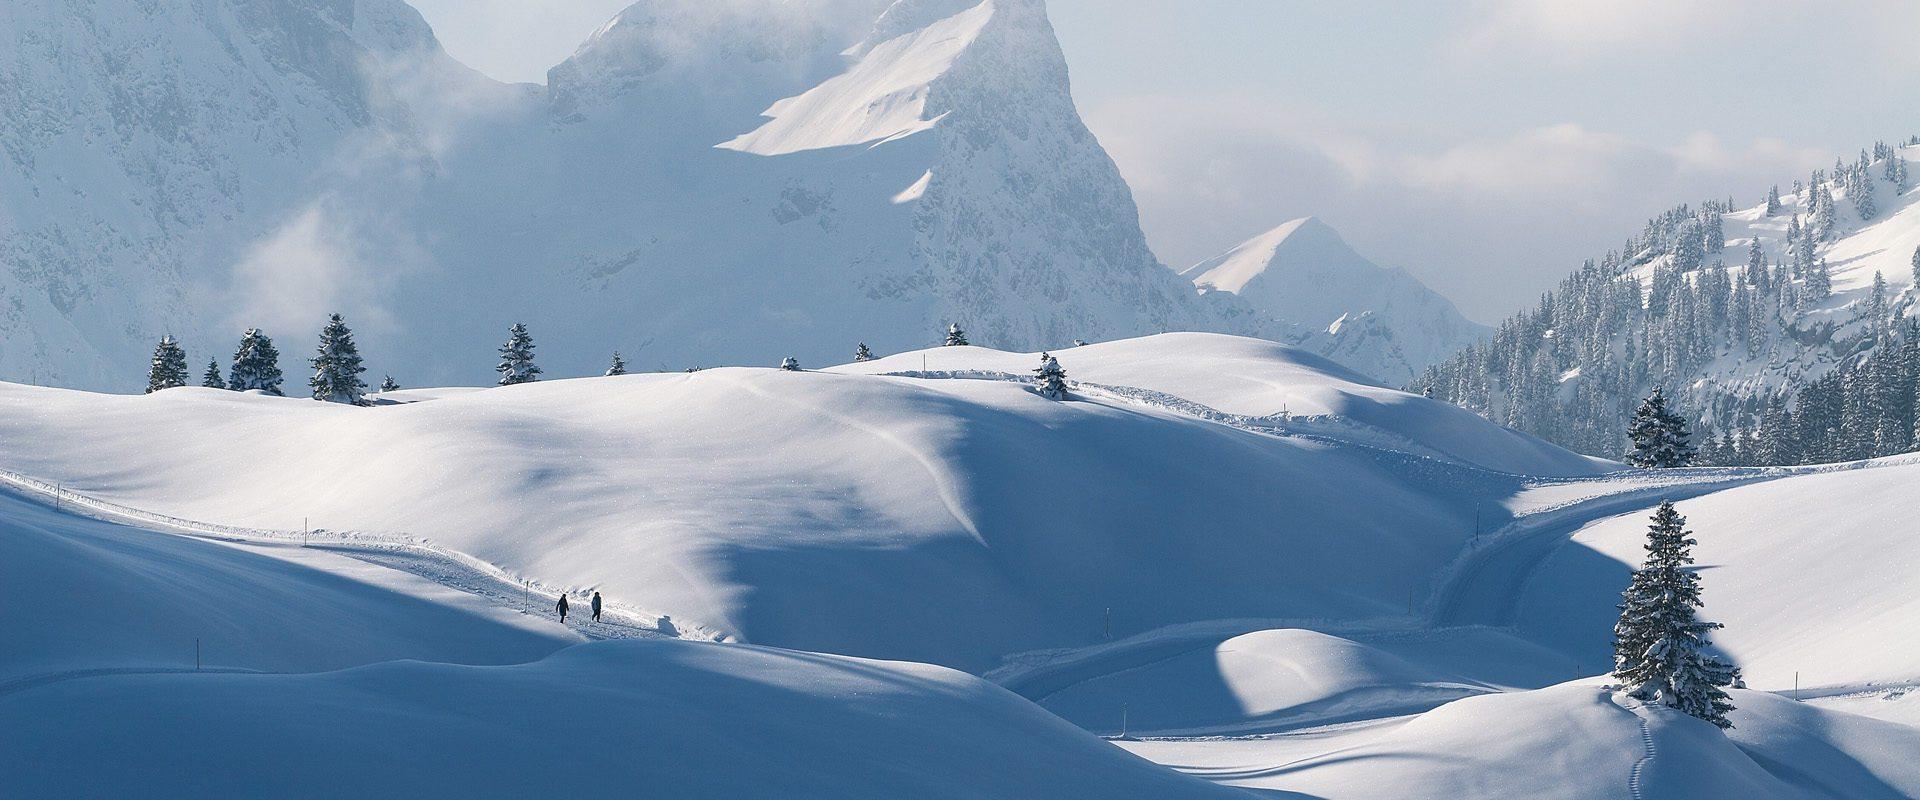 Winterwandern,Landschaften,Snowworld,Warth,Schröcken,Arlberg,Austria